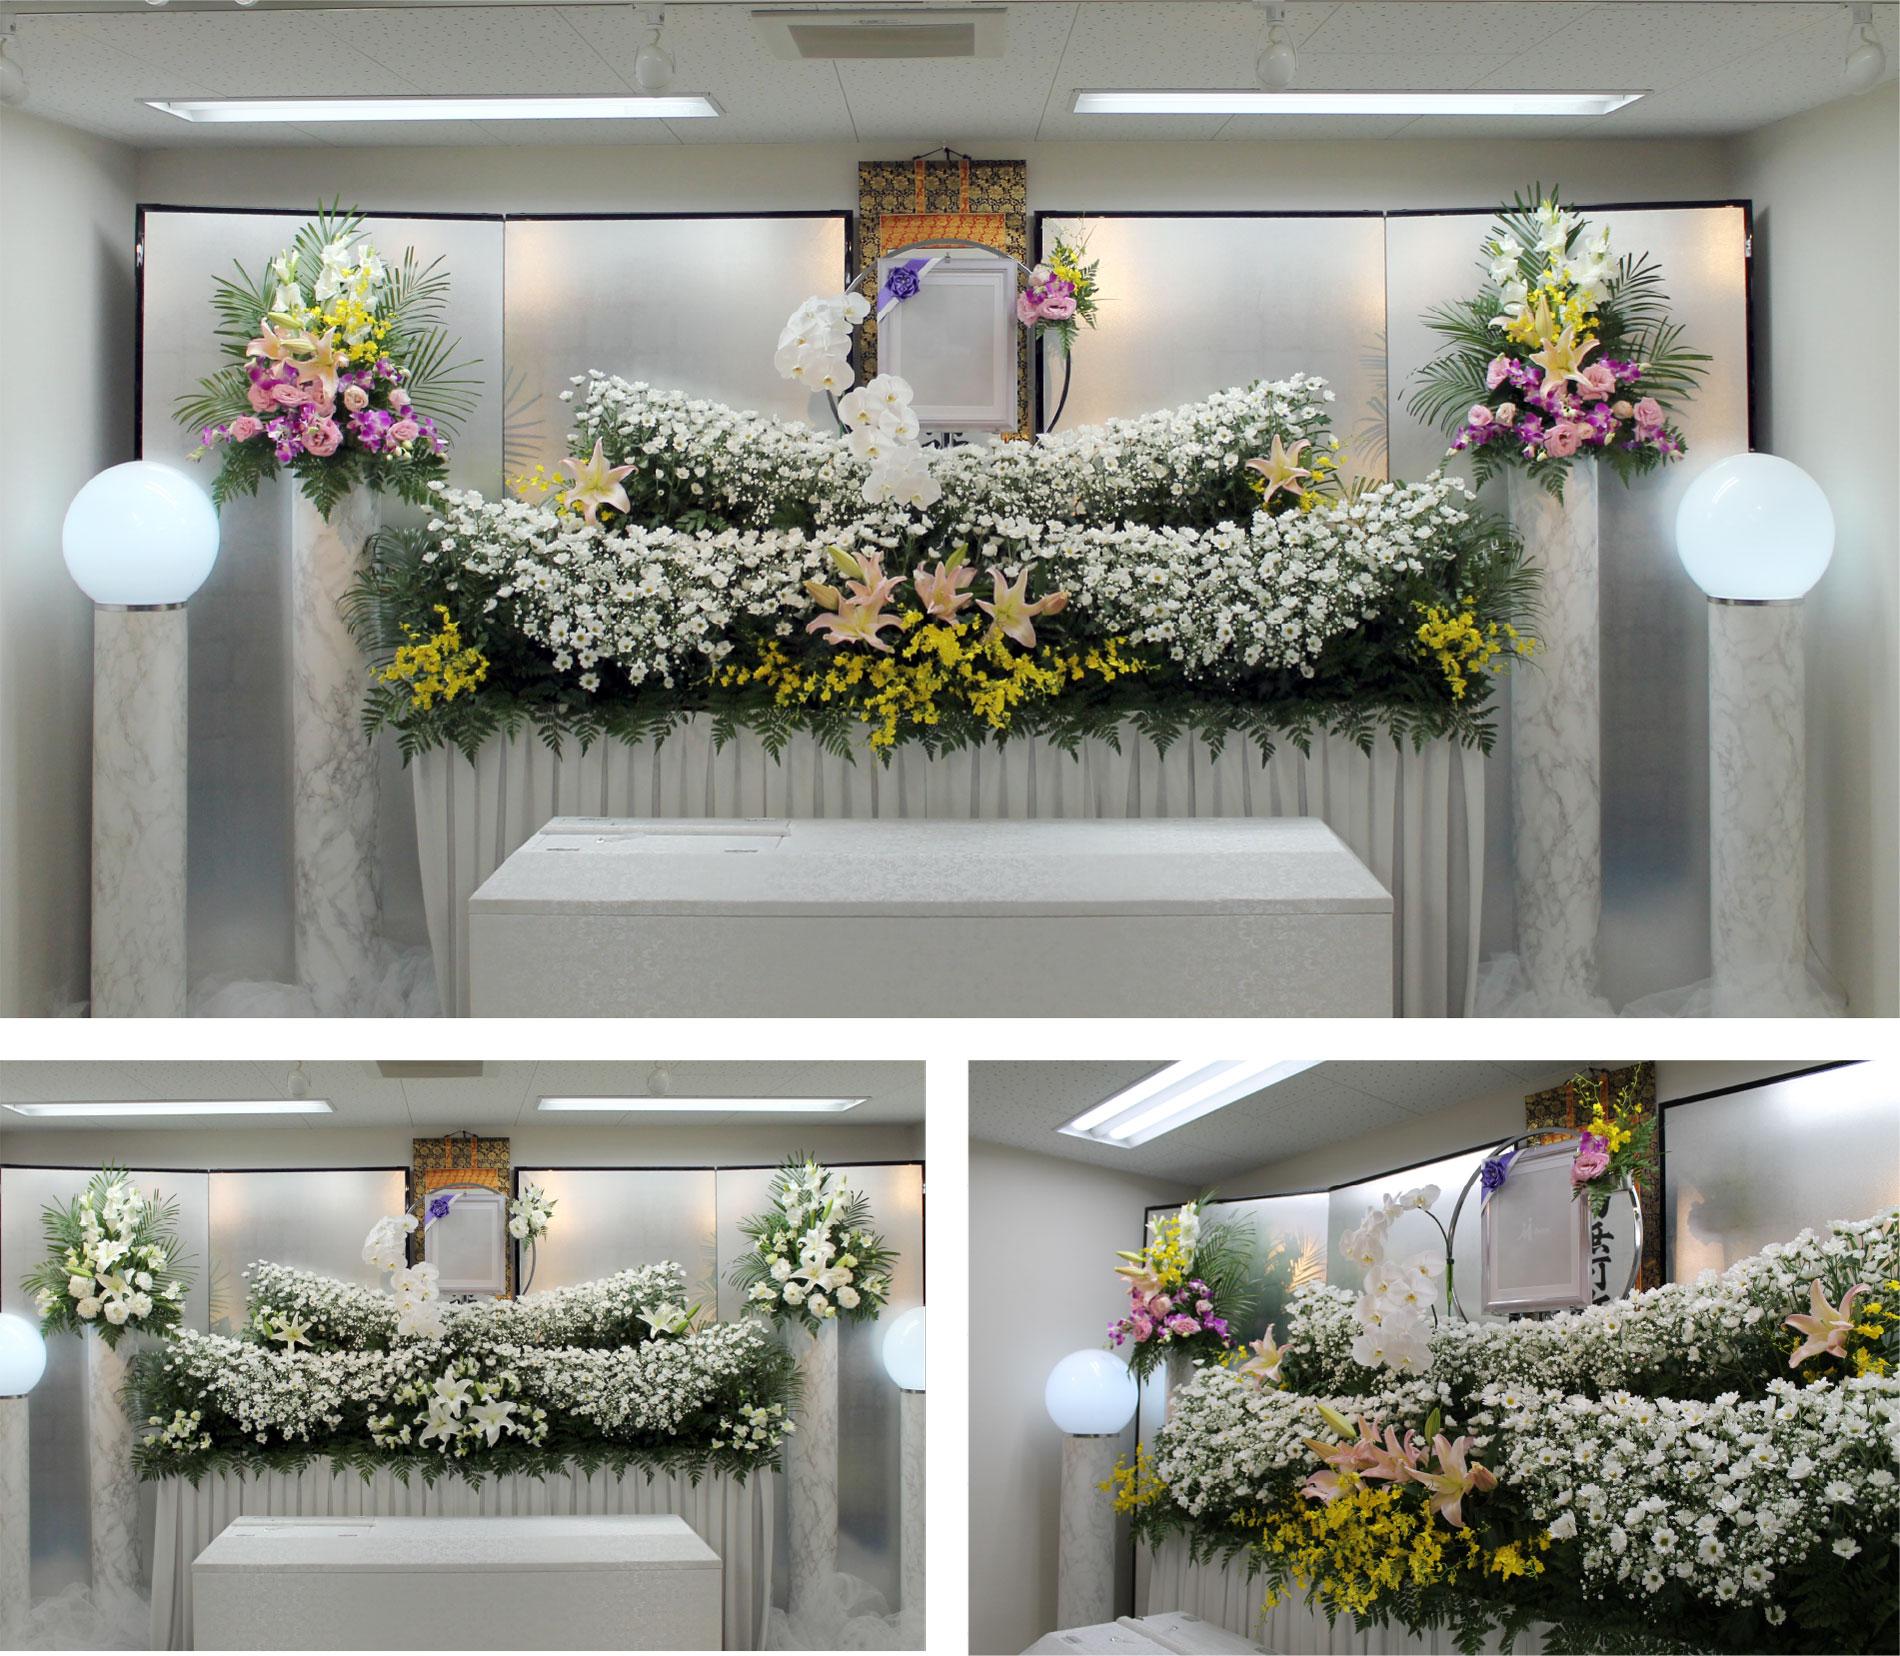 桑名ホール葬44プラン